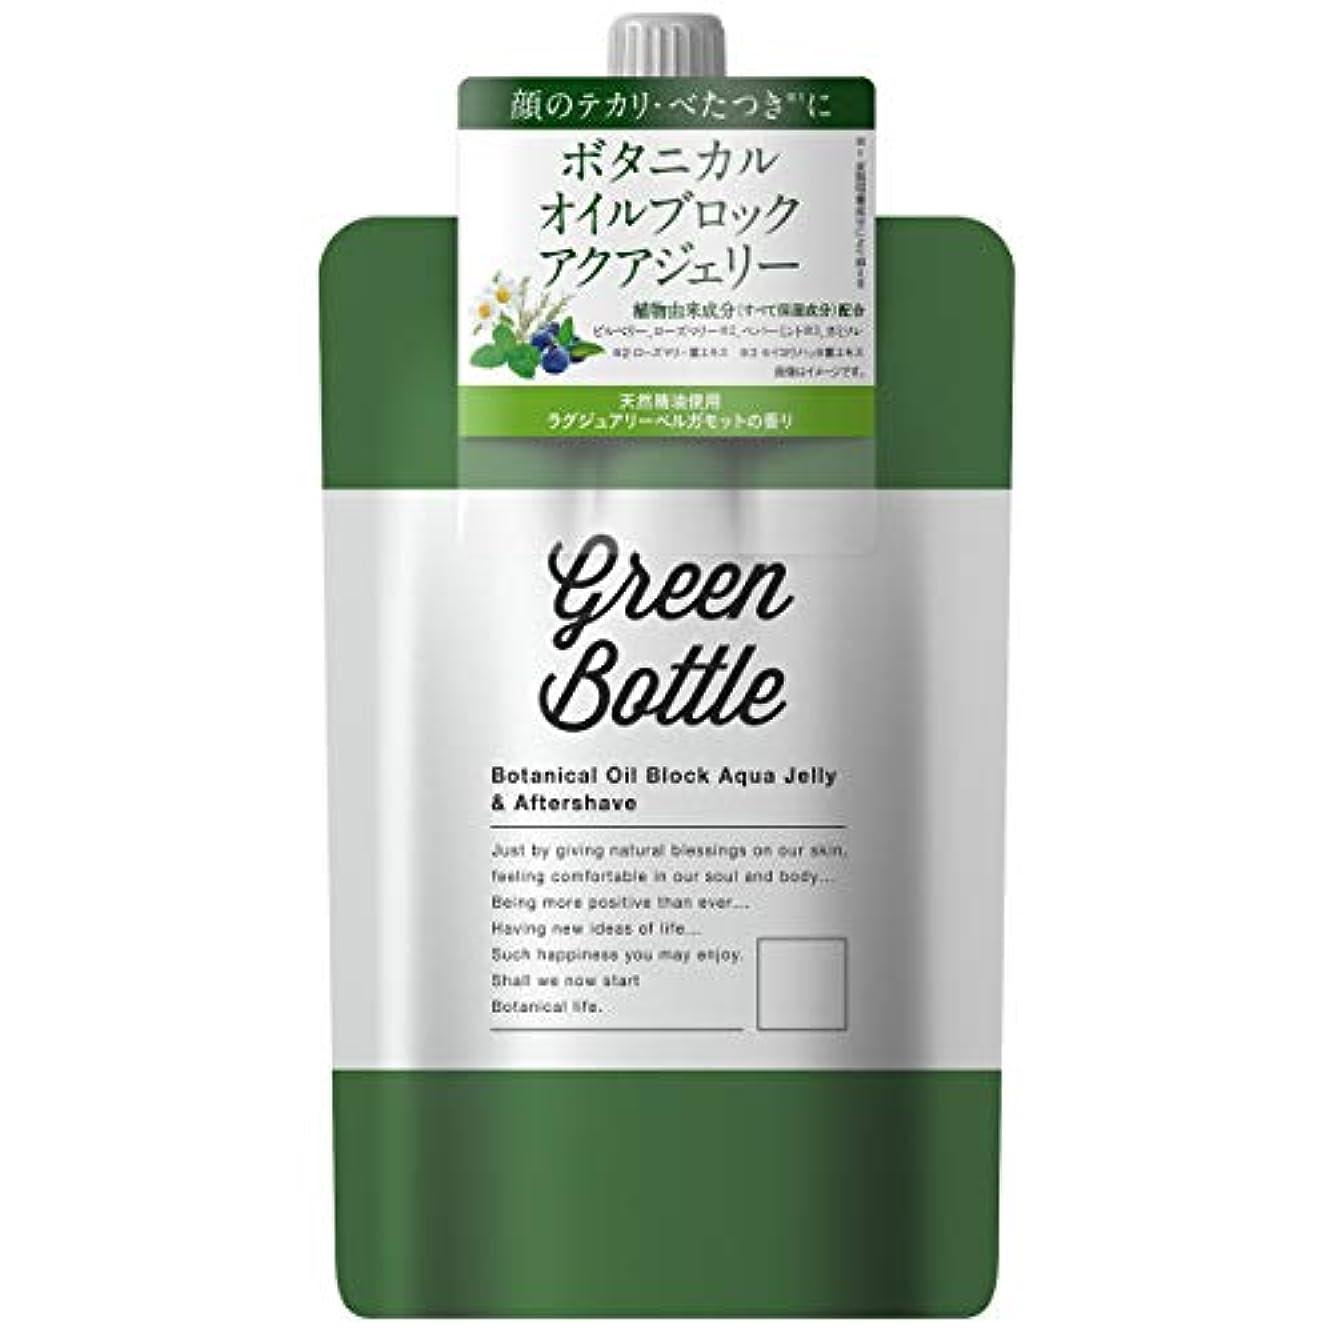 パンチ専門用語リビジョングリーンボトルボタニカル グリーンボトル ボタニカルオイルブロックアクアジェリー 化粧水 ラグジュアリーベルガモットの香り 150g